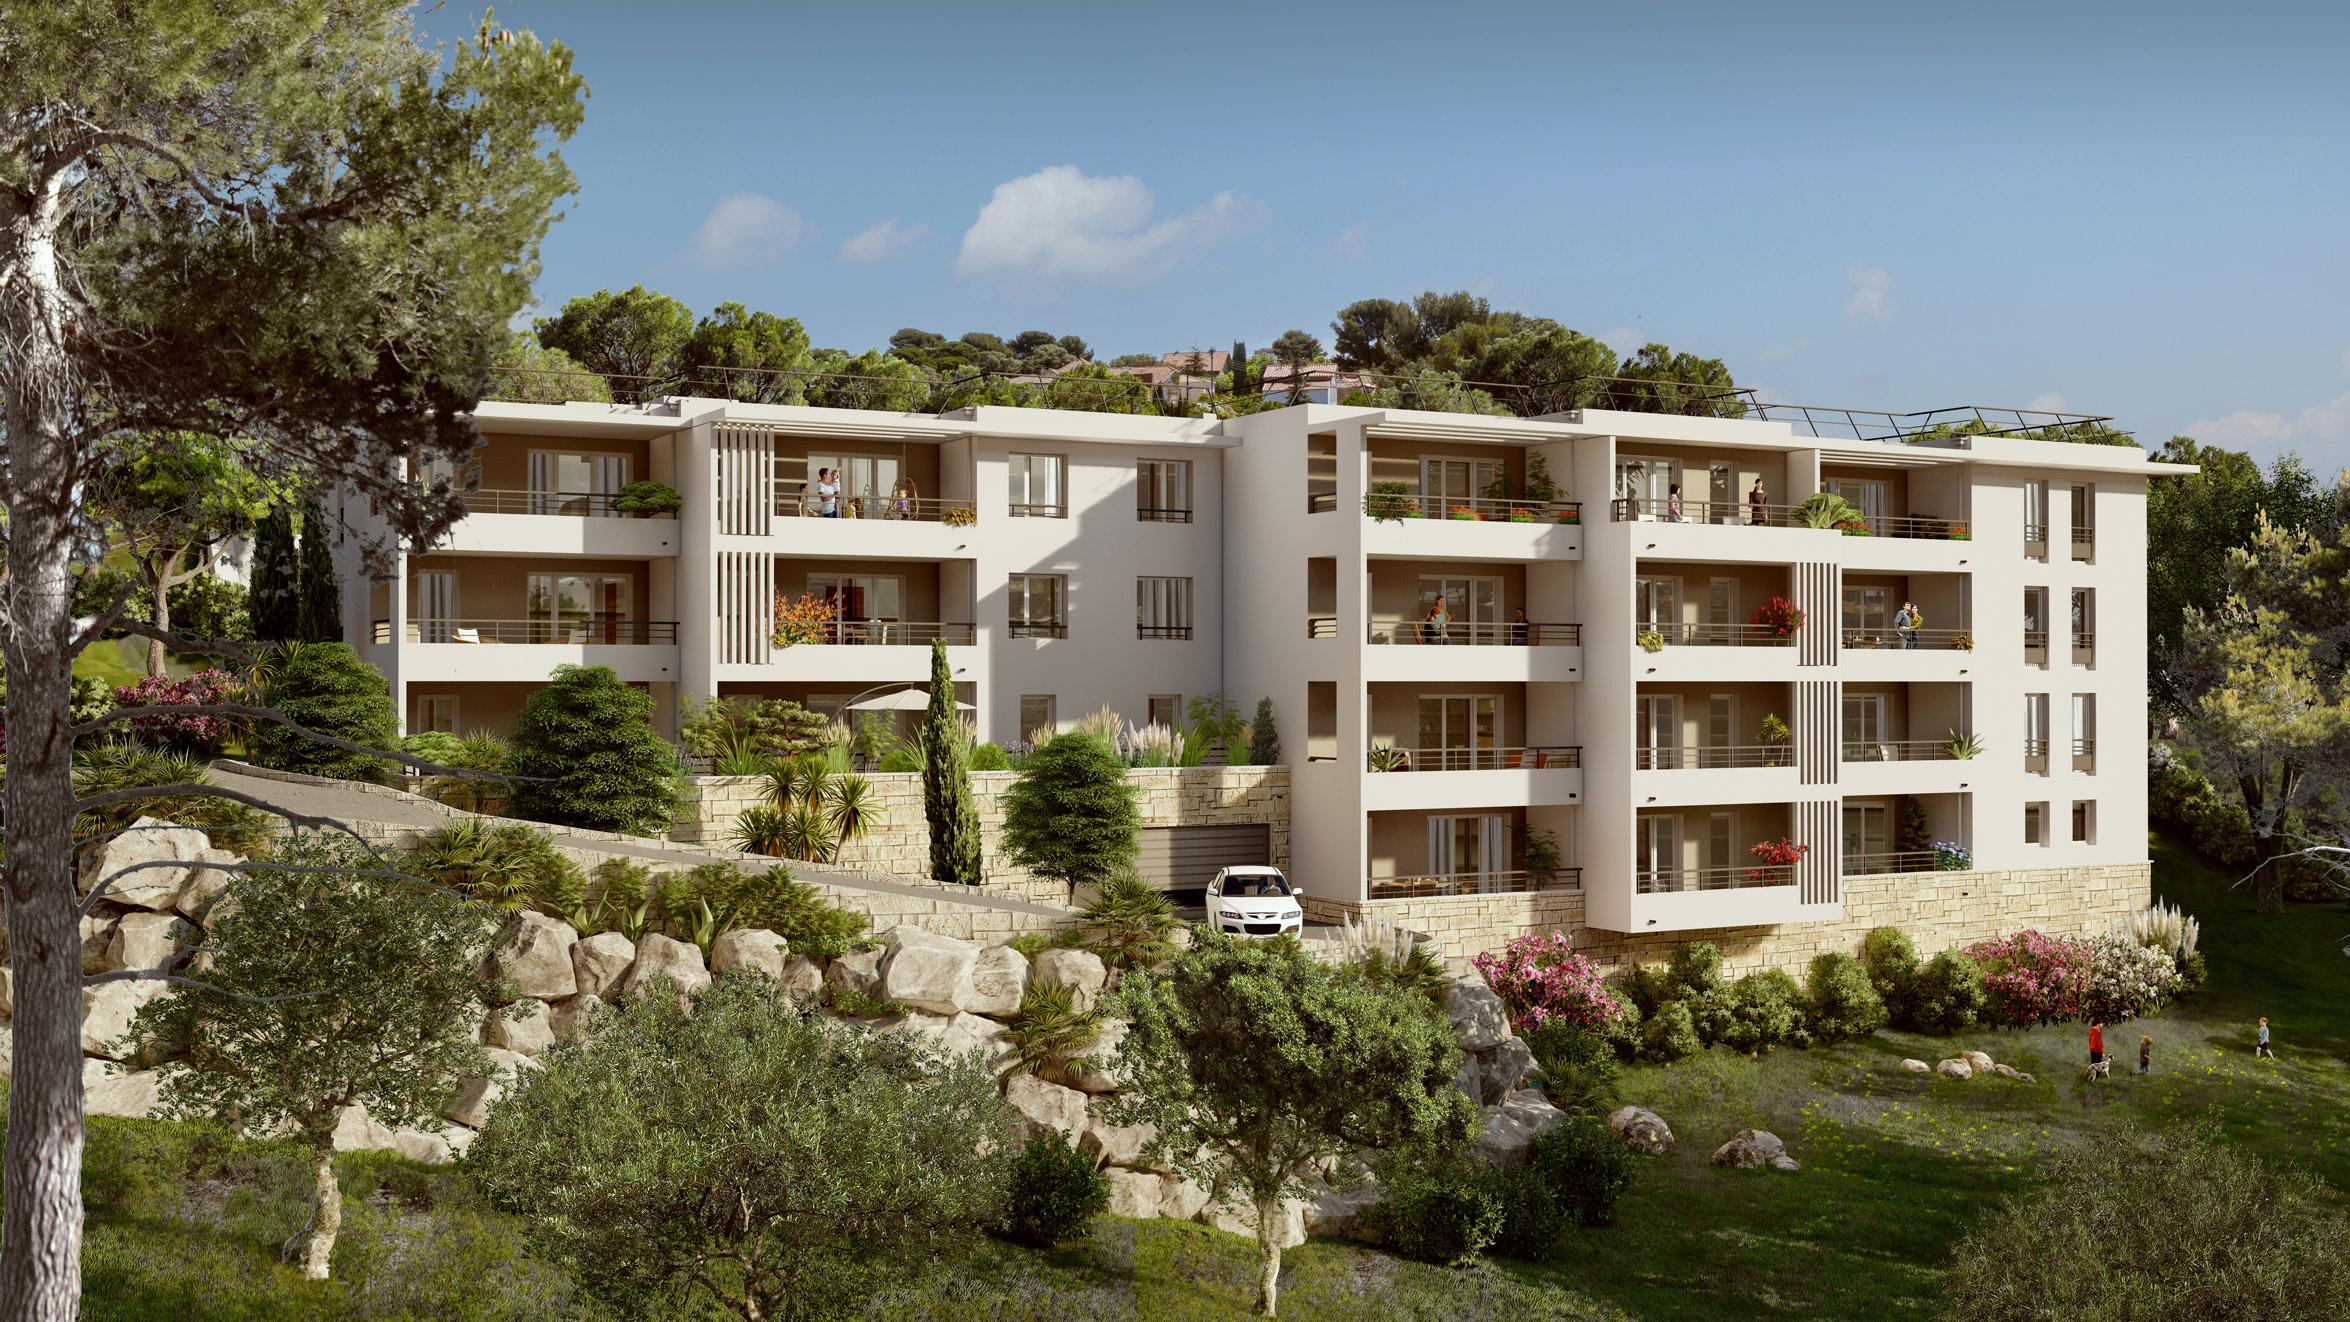 Programme immobilier ALT104 appartement à Marseille 12ème (13012) Quartier des Caillols